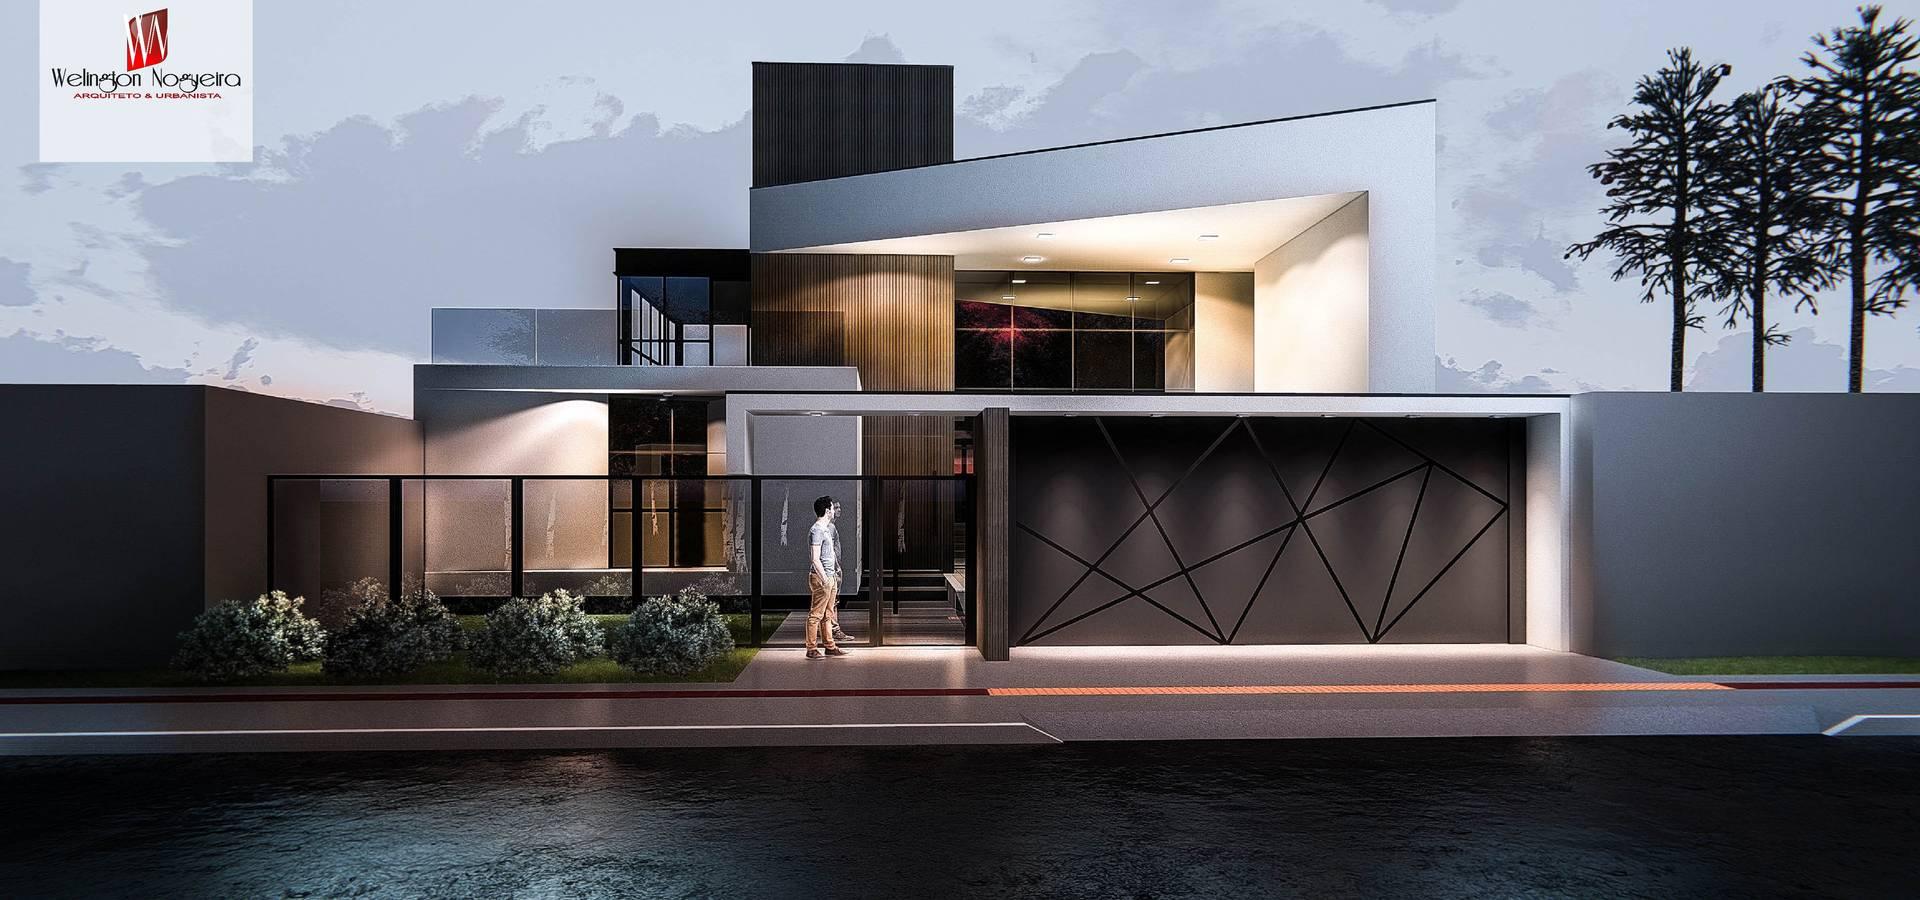 Welington Nogueira · Arquitetura, Urbanismo e Design